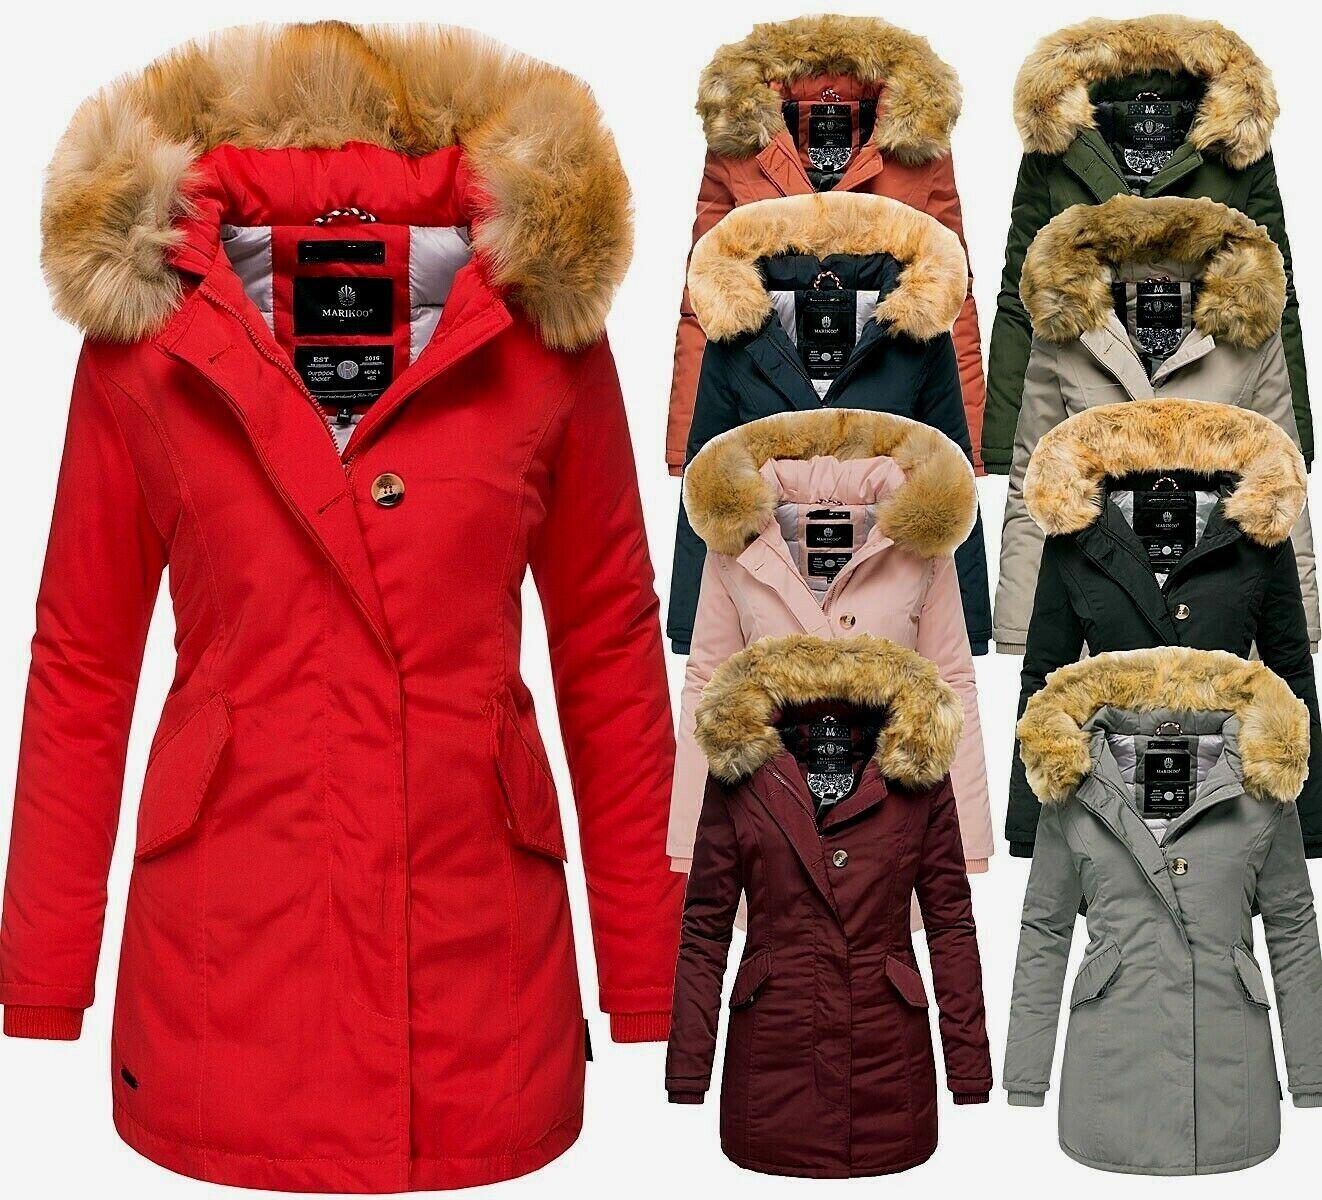 Marikoo Karmaa Damen Winter Jacke FVSC Steppjacke Parka Mantel warm gefüttert